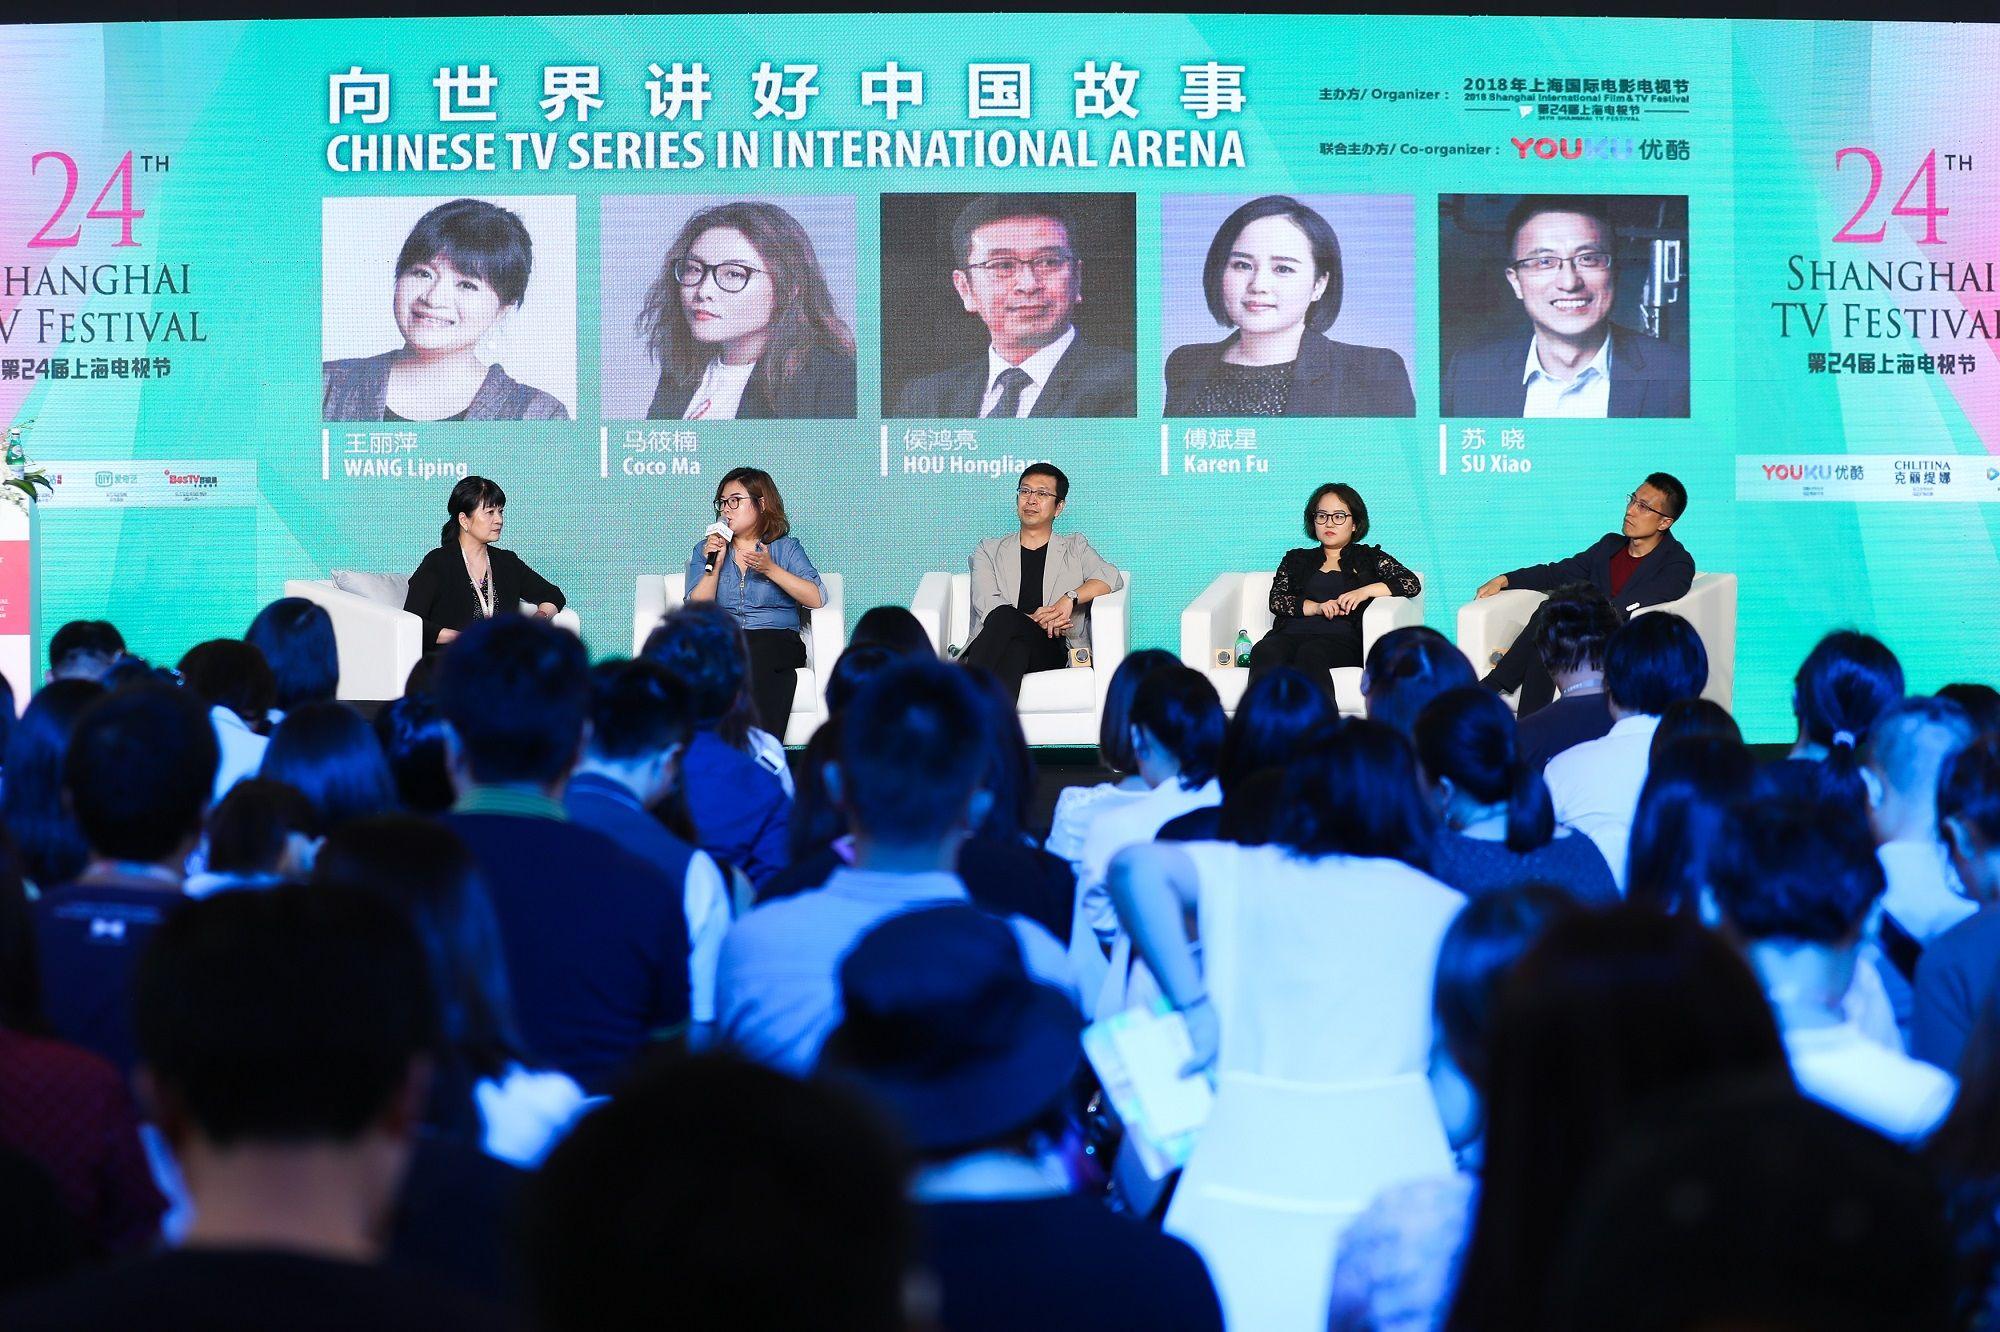 优酷探索国际标准 超级剧集向世界讲好中国故事